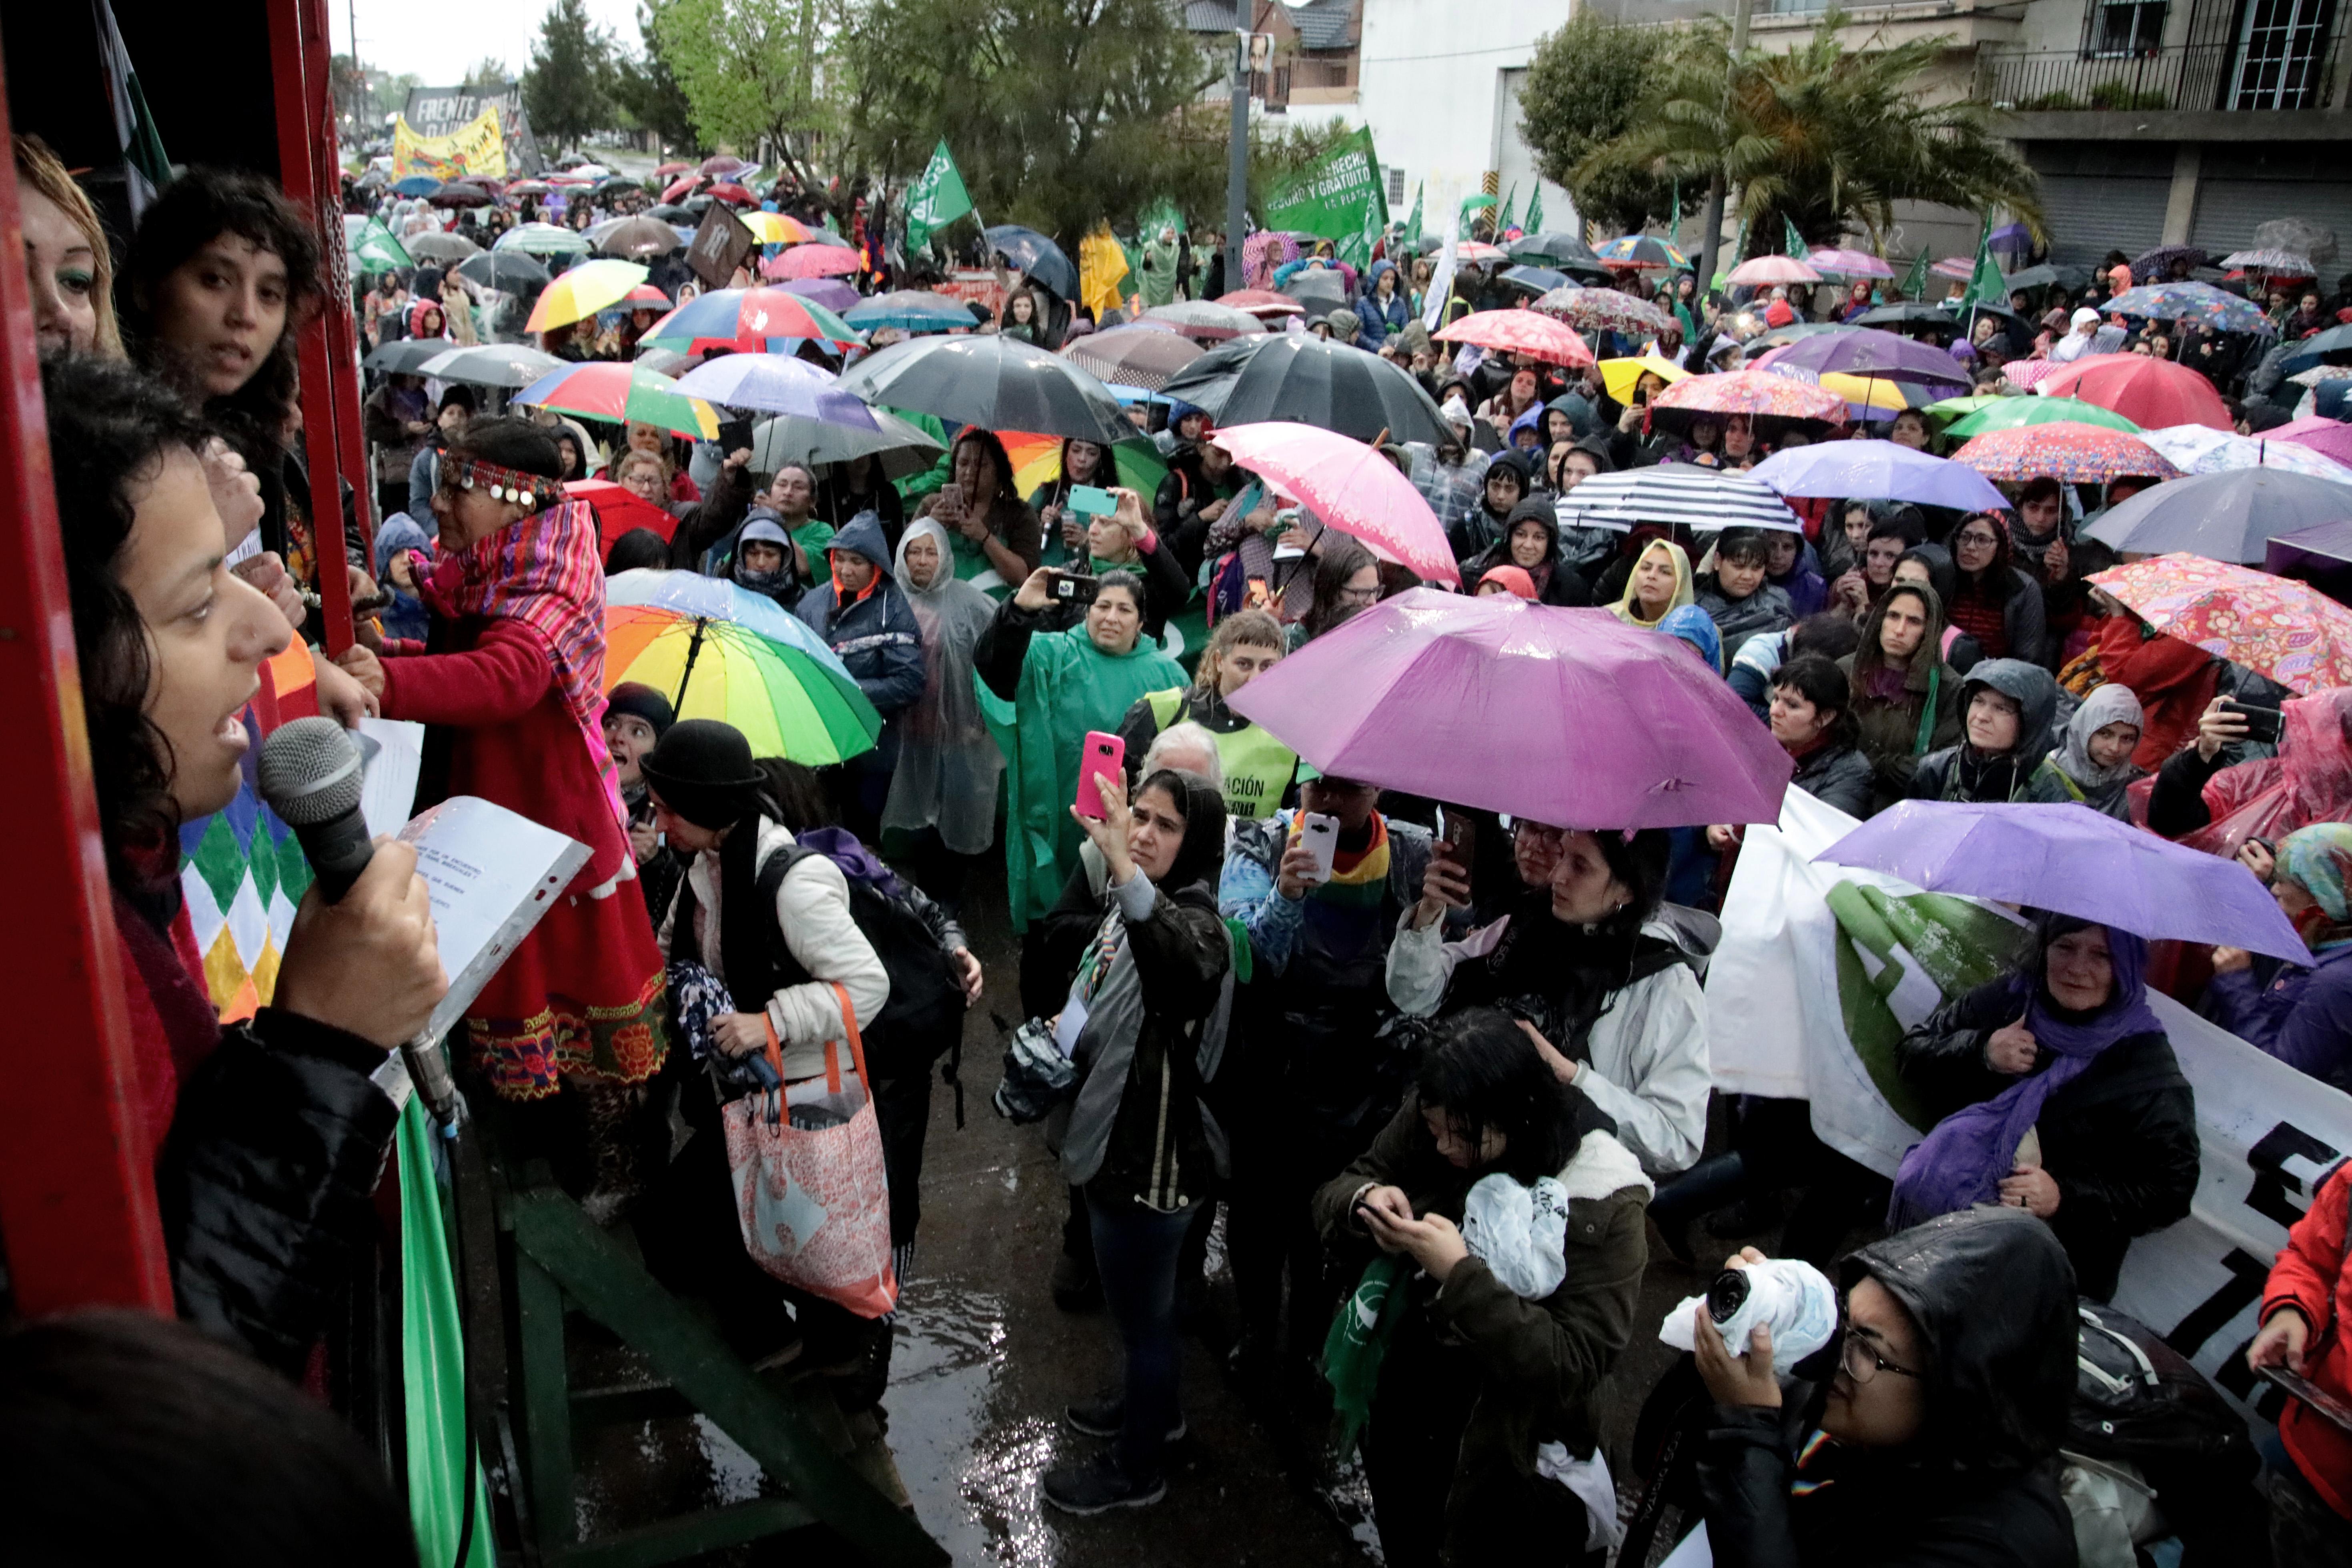 De 9 a 17 de mañana, domingo, en forma simultánea, tendrán lugar la Peatonal Feminista y la Feria Pluridiscidente, entre las plazas comprendidas por avenida 7 entre 53 y 66